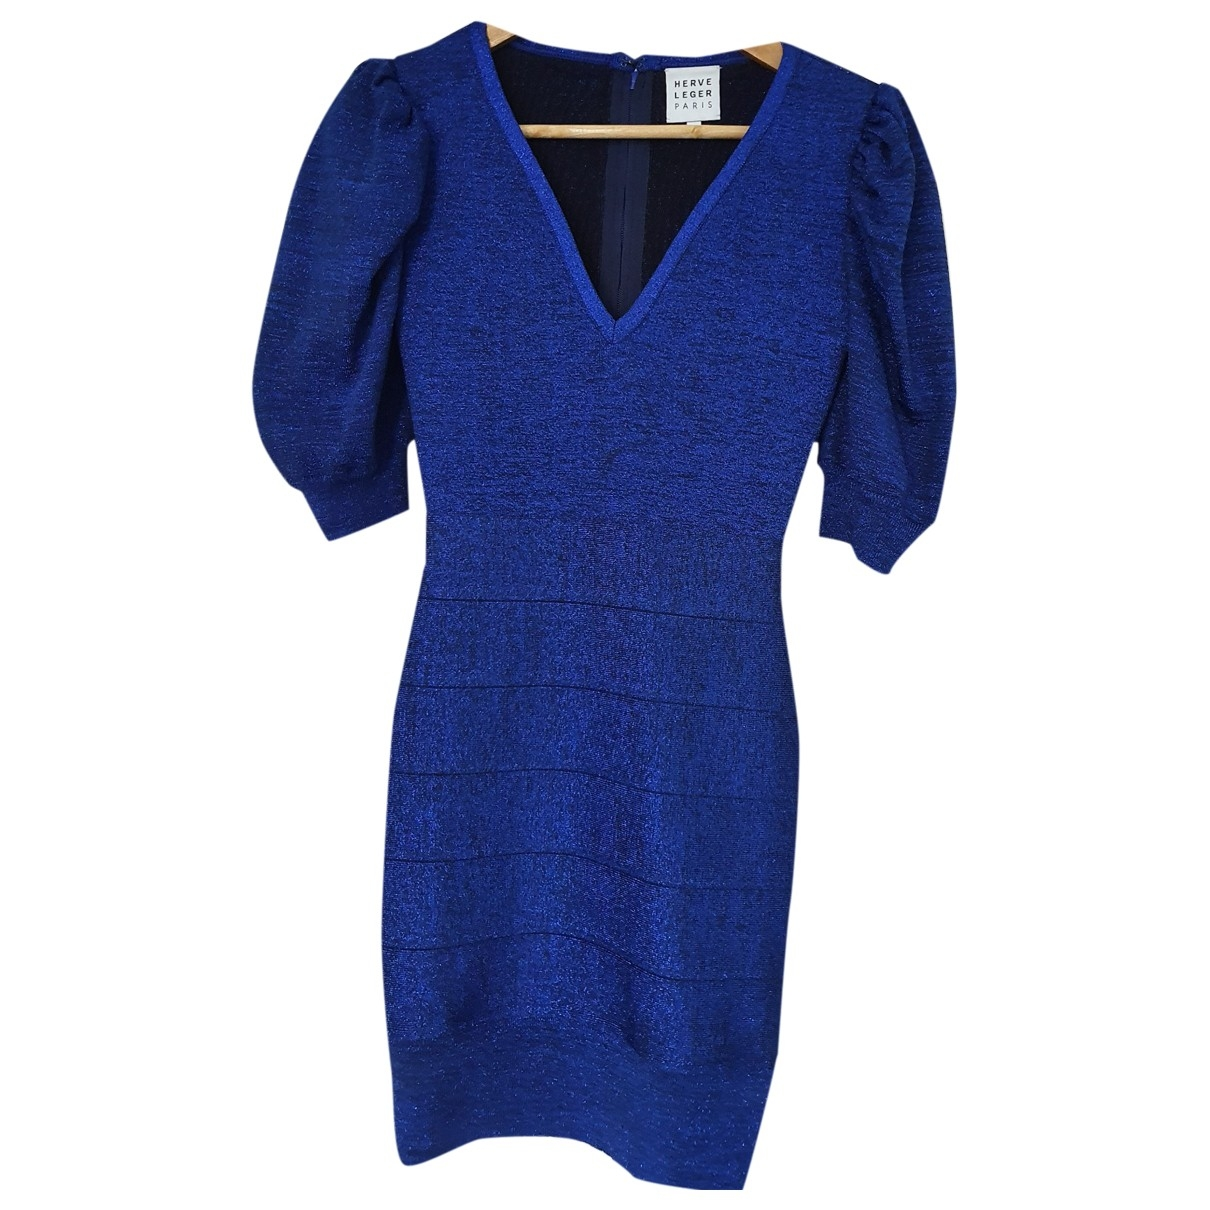 Herve Leger - Robe   pour femme en a paillettes - bleu